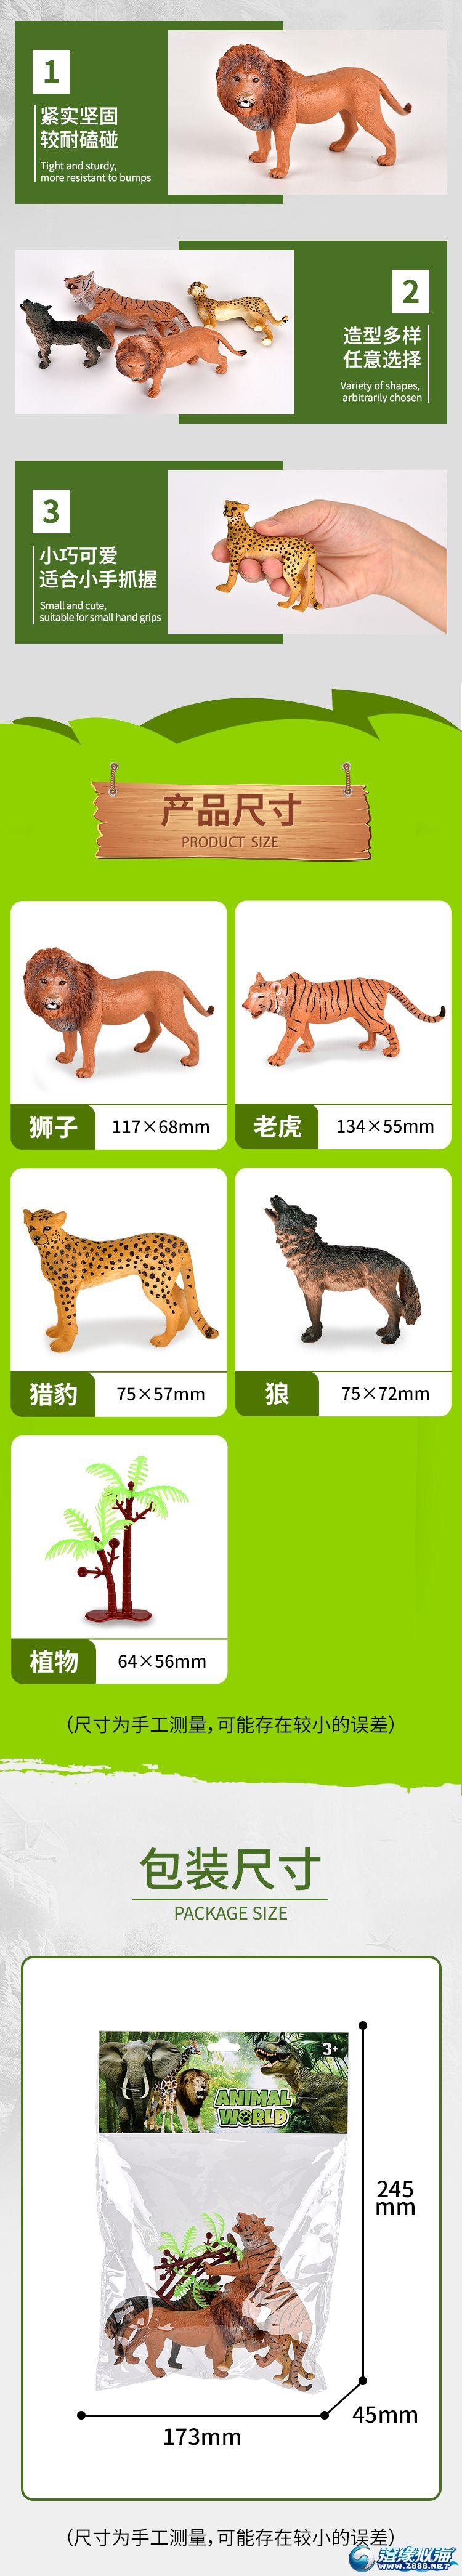 润东玩具厂-(1369A-1)-动物模型-中文版详情页_03.jpg